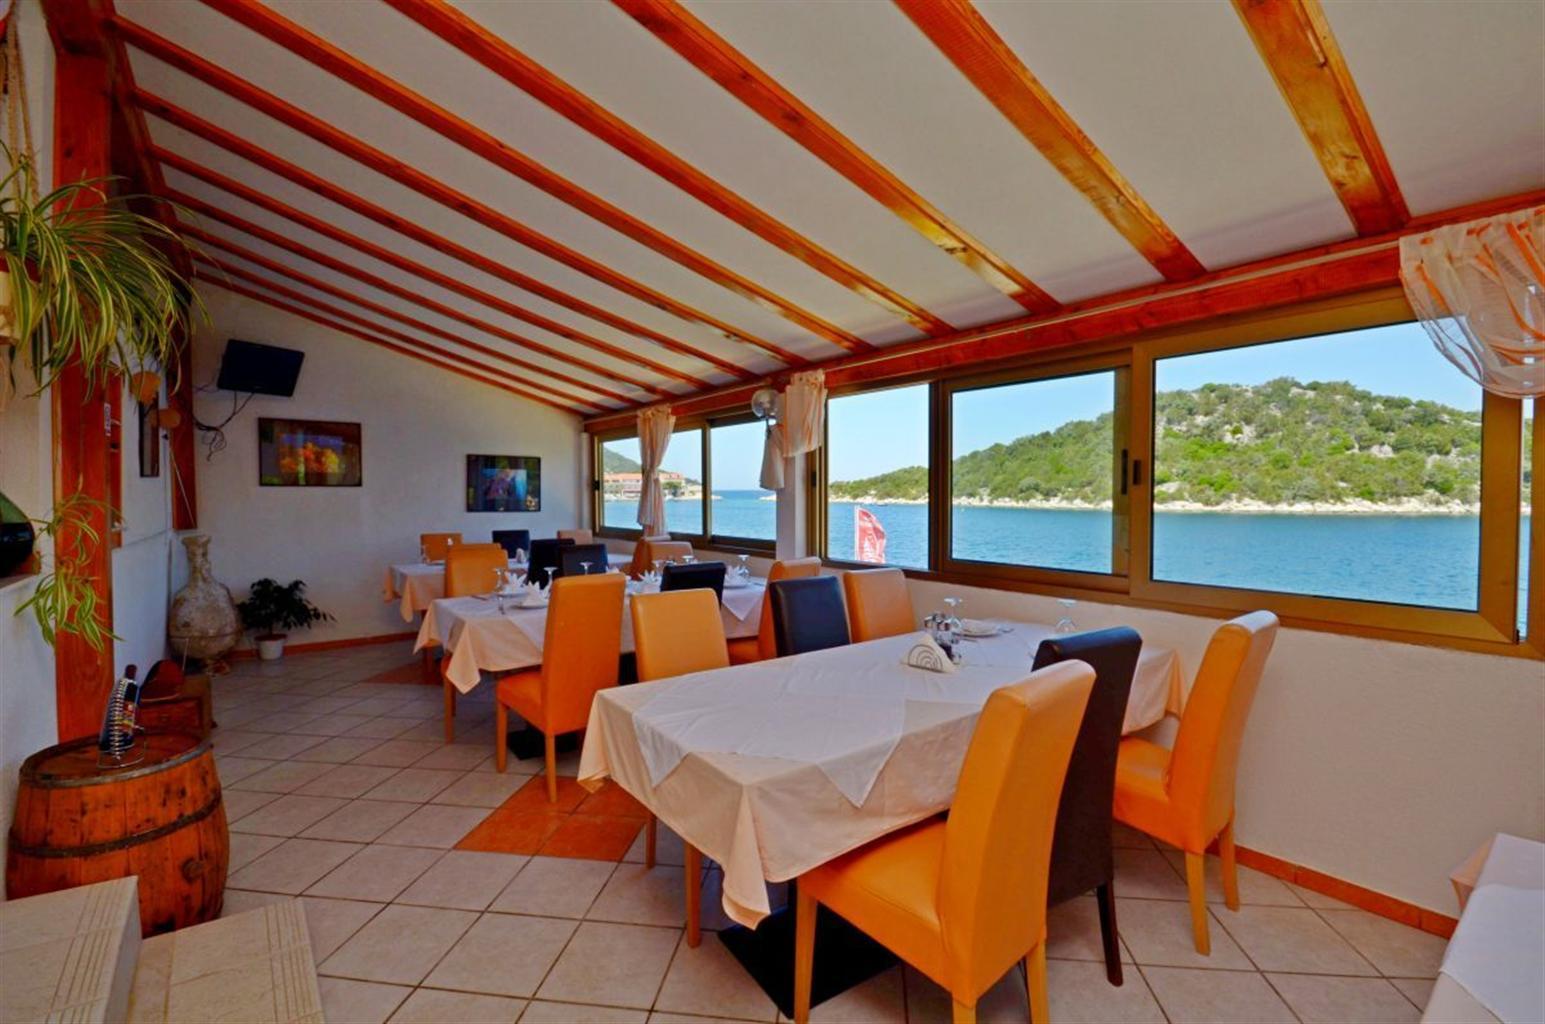 Ferienwohnung Ferienwohnungen und Zimmer Barbara 53781-A4 (1560905), Lastovo, Insel Lastovo, Dalmatien, Kroatien, Bild 8